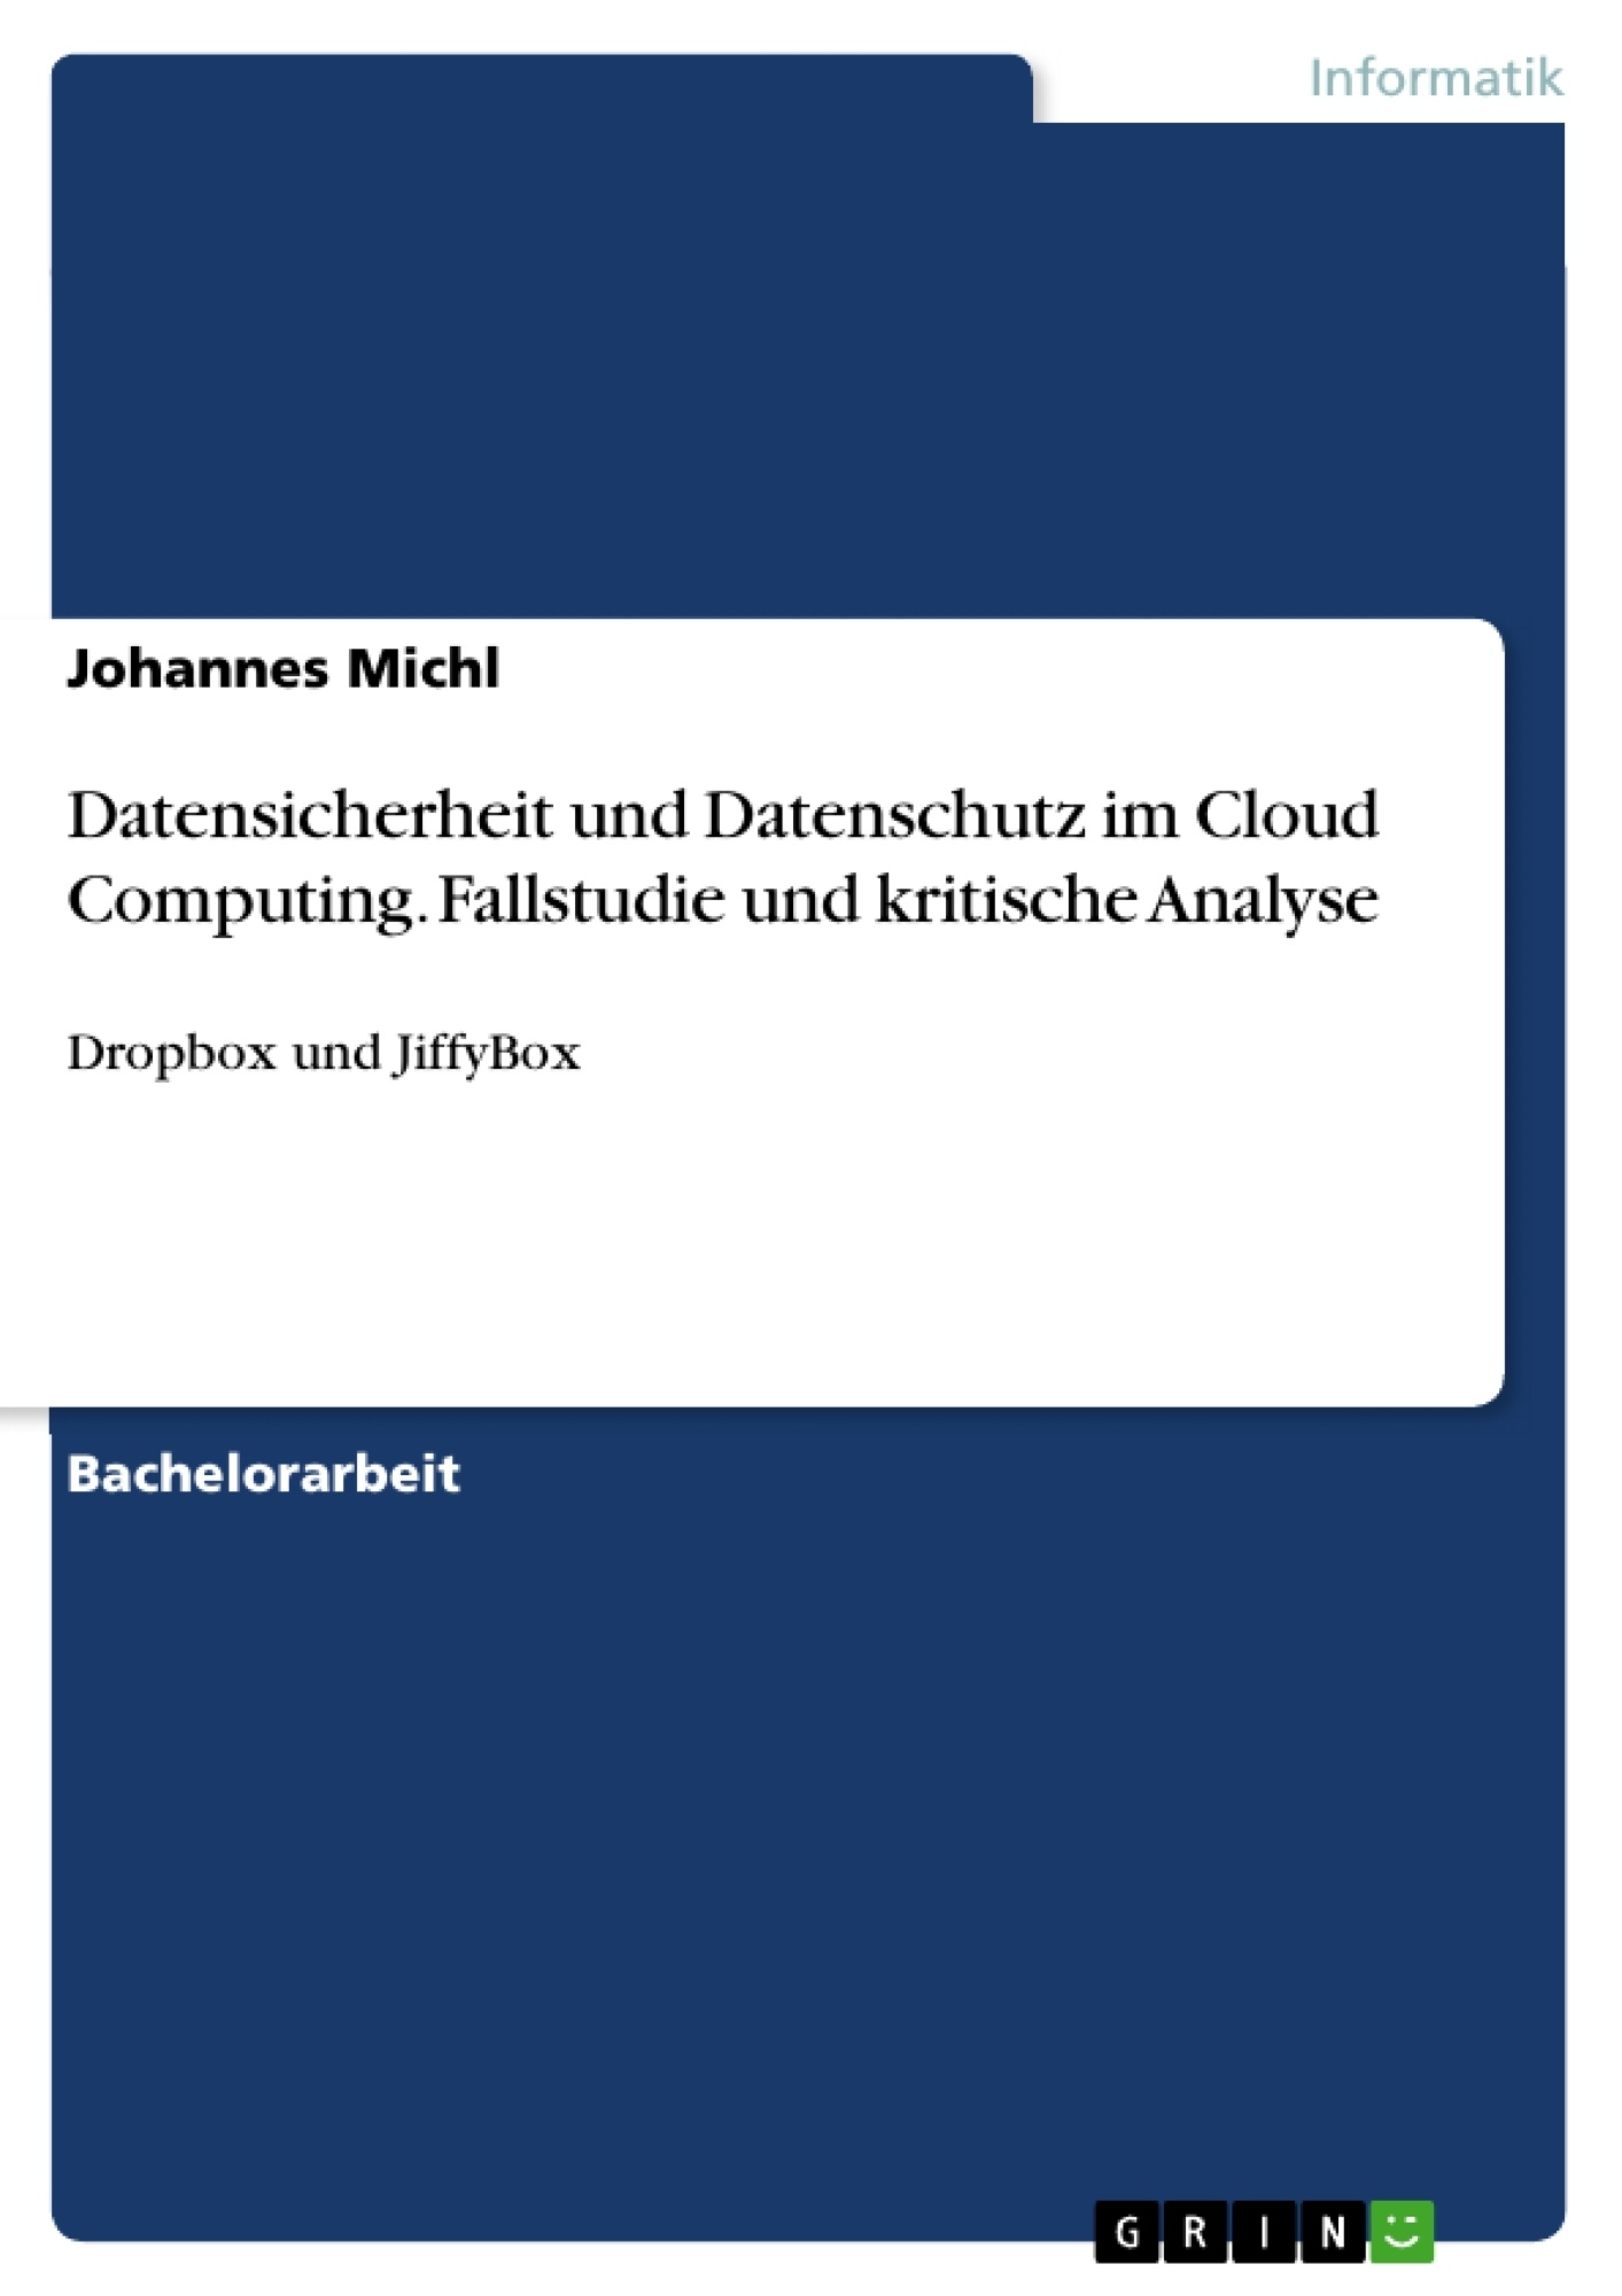 Titel: Datensicherheit und Datenschutz im Cloud Computing. Fallstudie und kritische Analyse